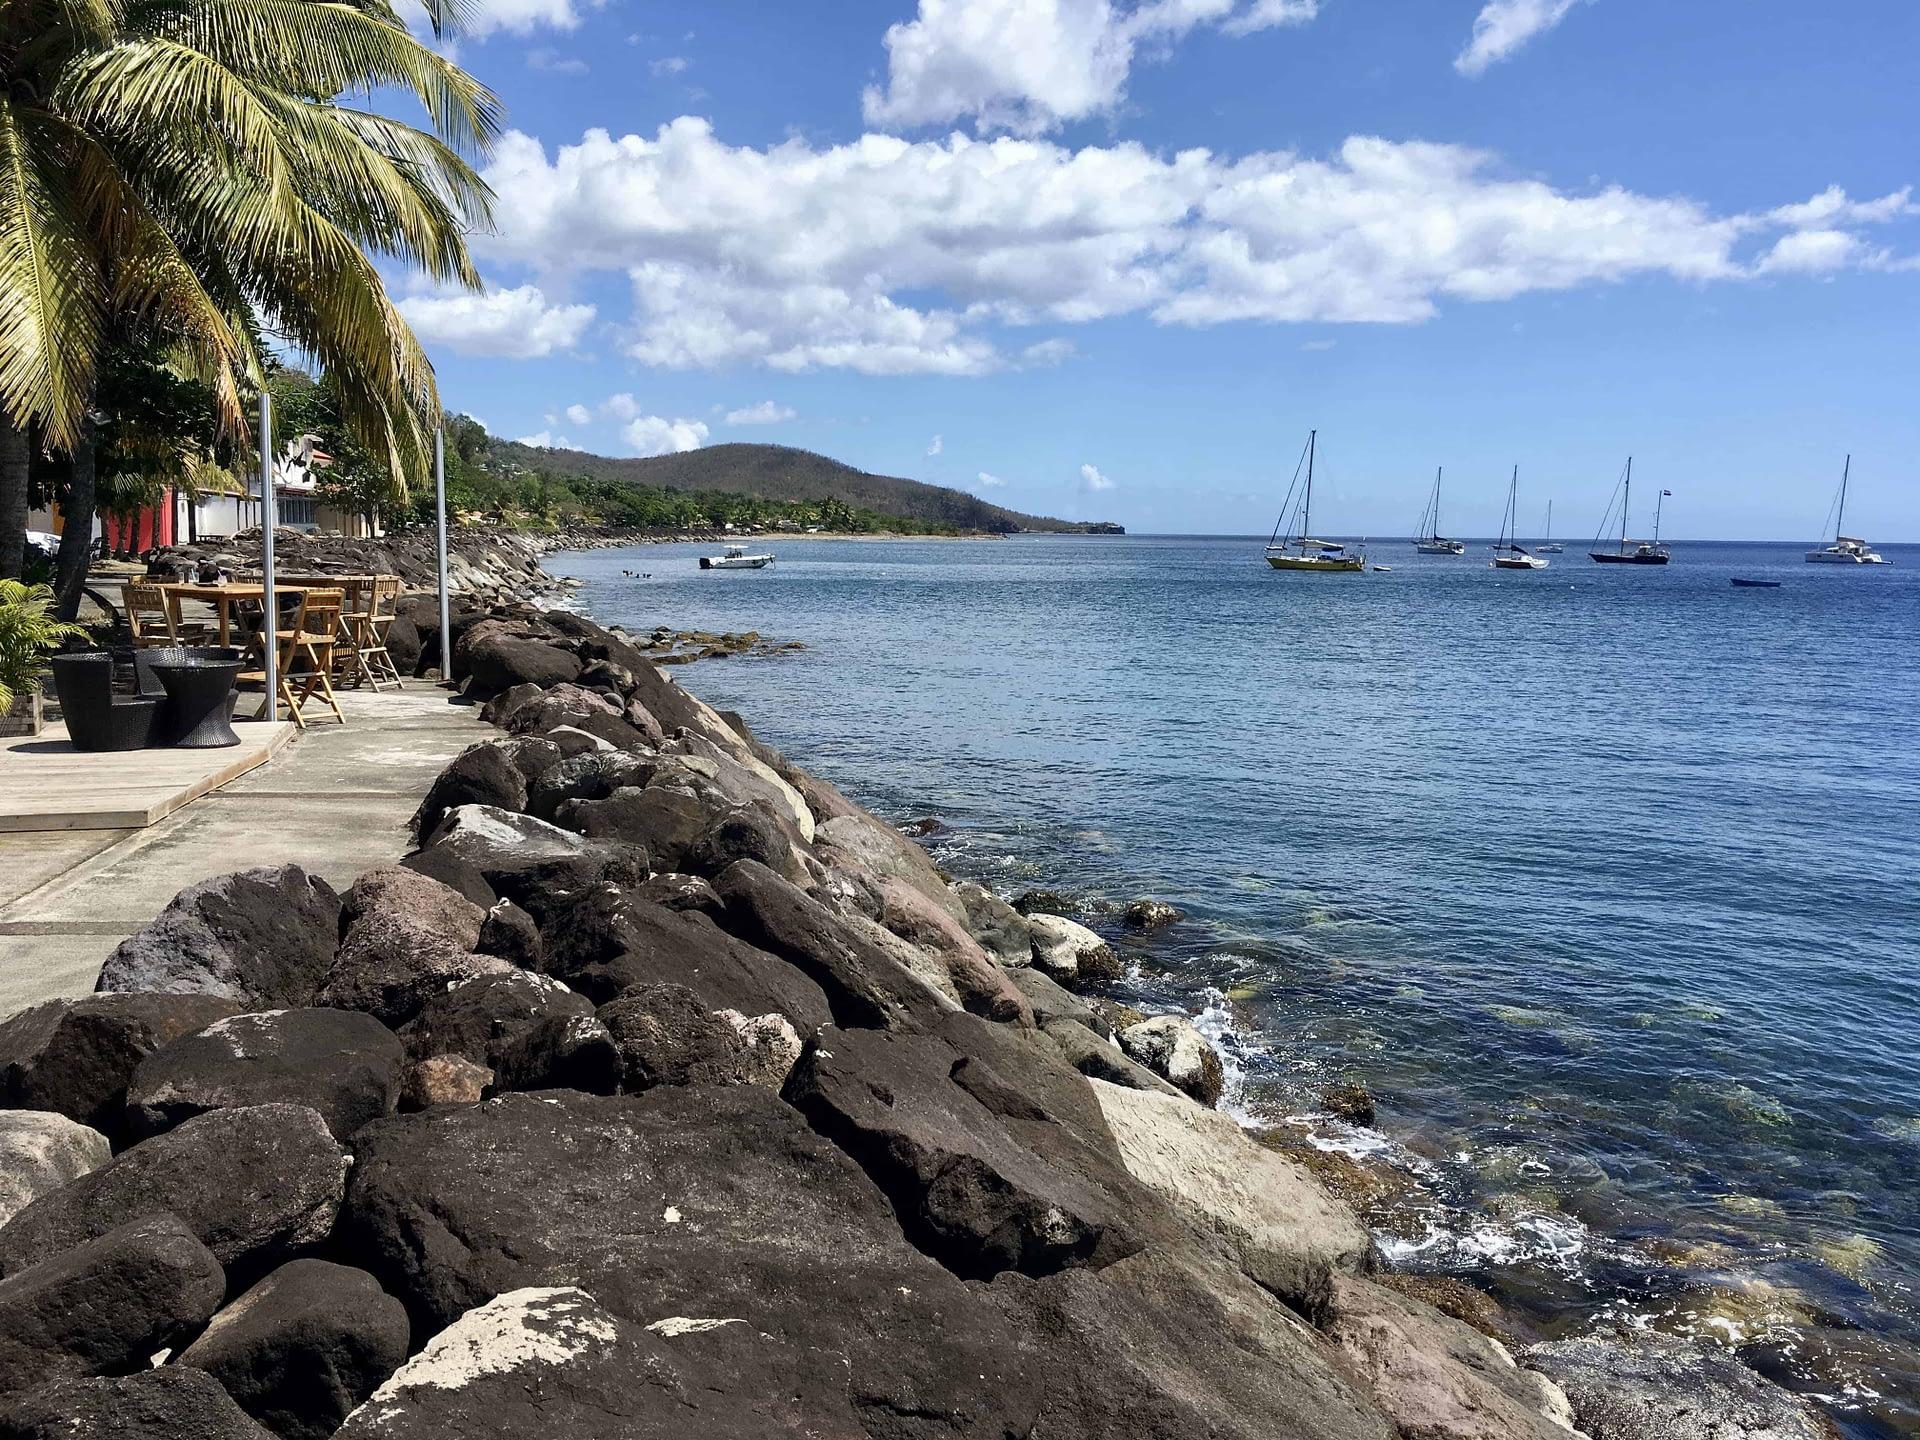 voyage aux Antilles : jacuzzi naturel à Bouillante en Guadeloupe